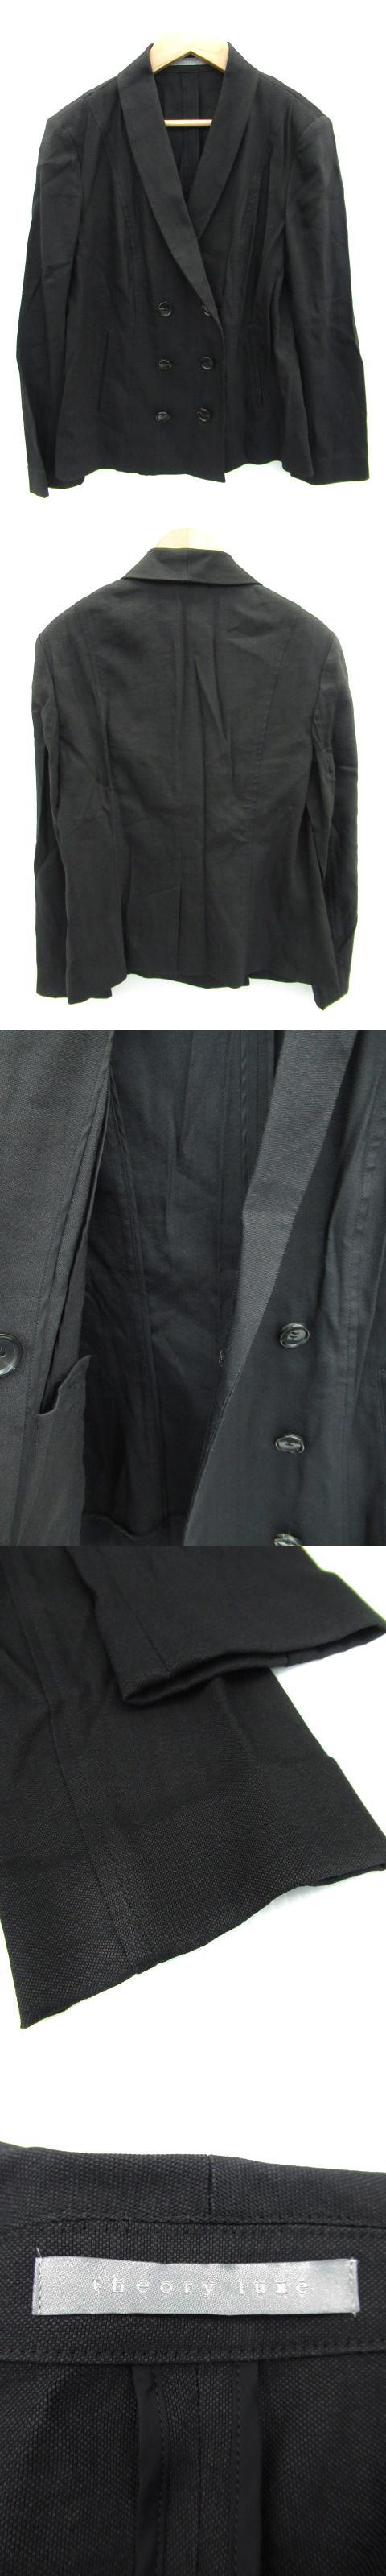 ジャケット ショールカラー 薄手 ミドル丈 ダブルボタン リネン 40 黒 ブラック /FF25